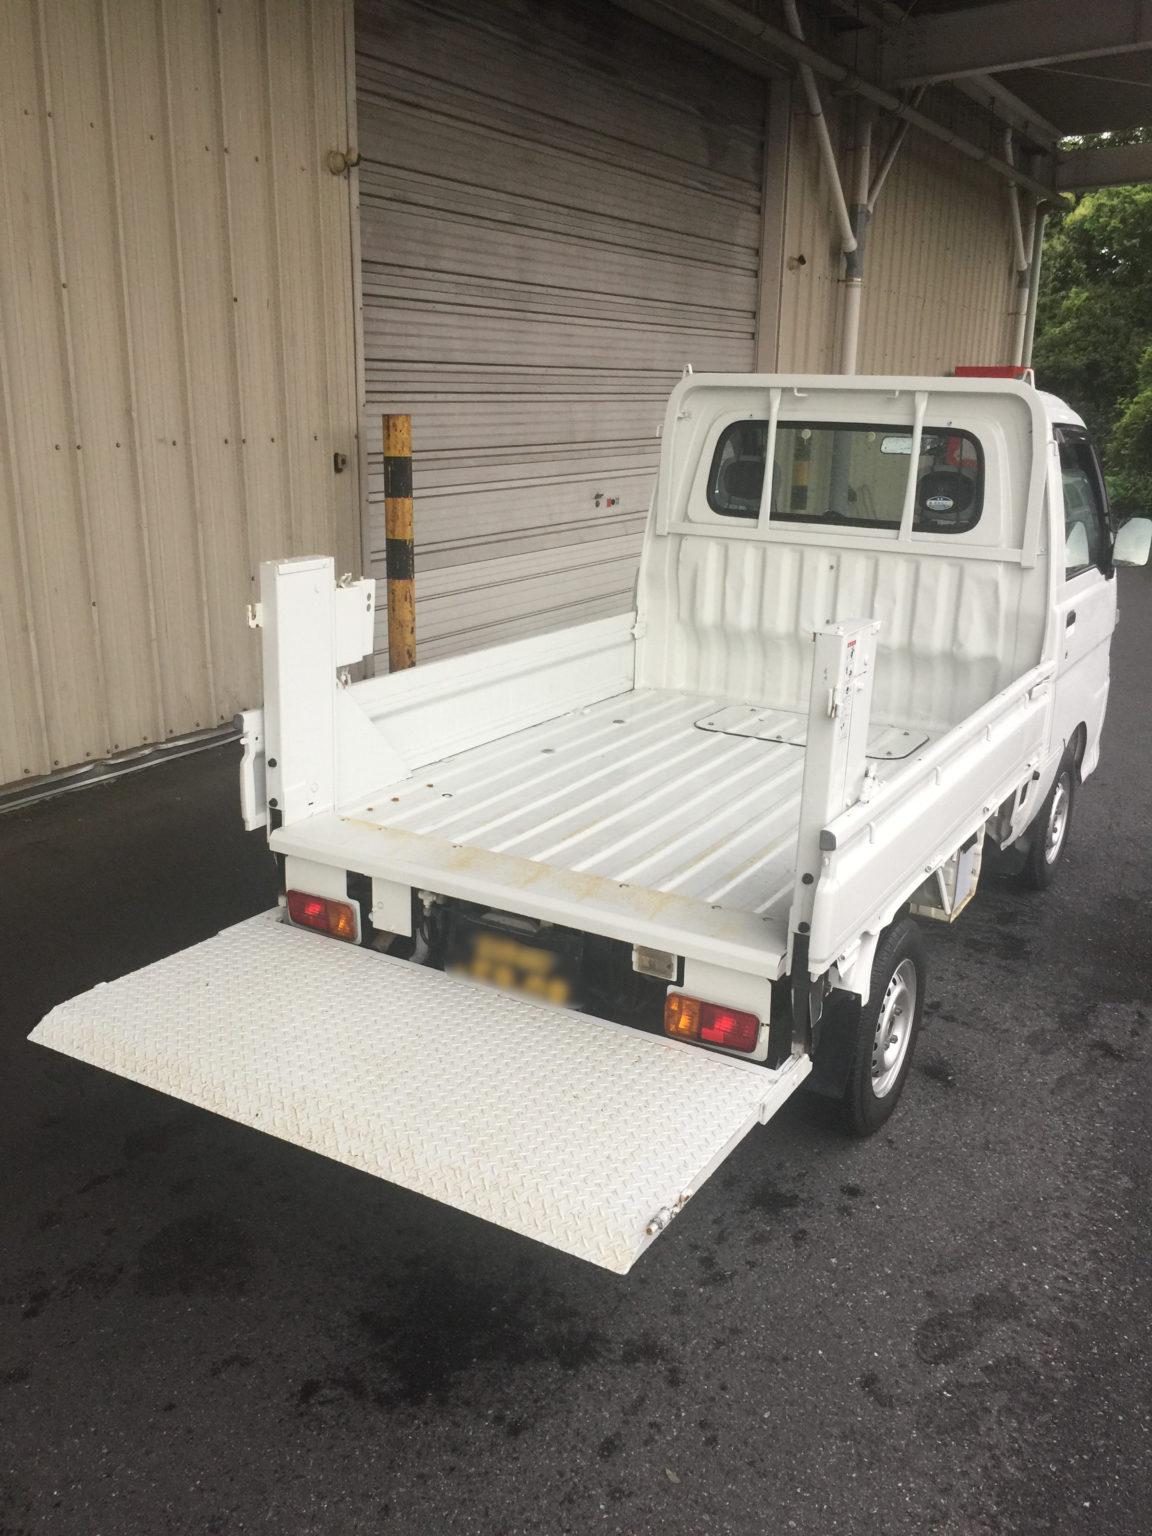 千葉県で軽貨物のパワーゲート 【軽貨物運送の検証ブログ】